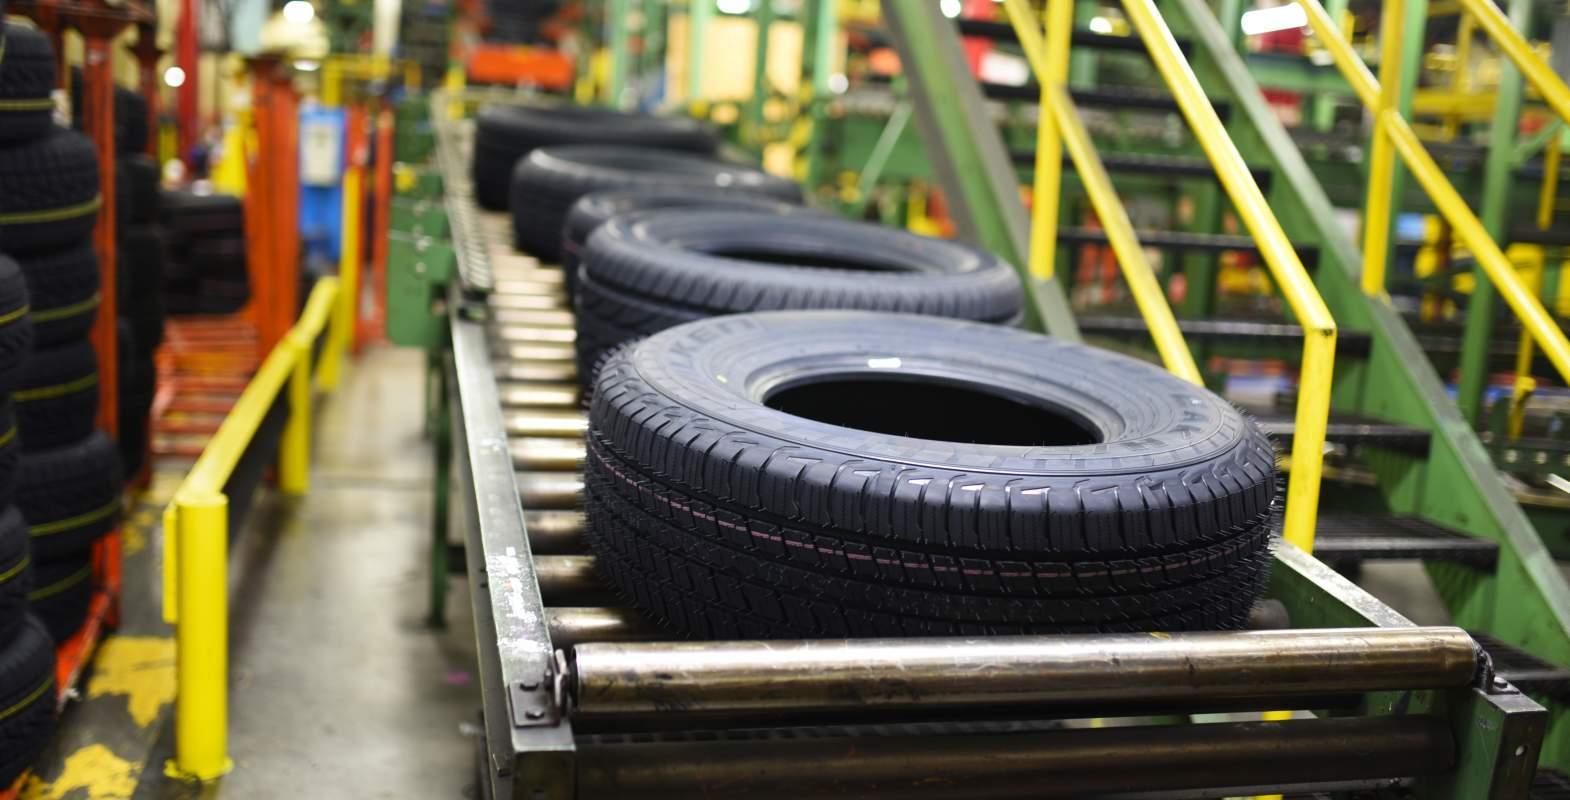 Sumitomo повышает цены на шины Falken и Ohtsu в Северной Америке